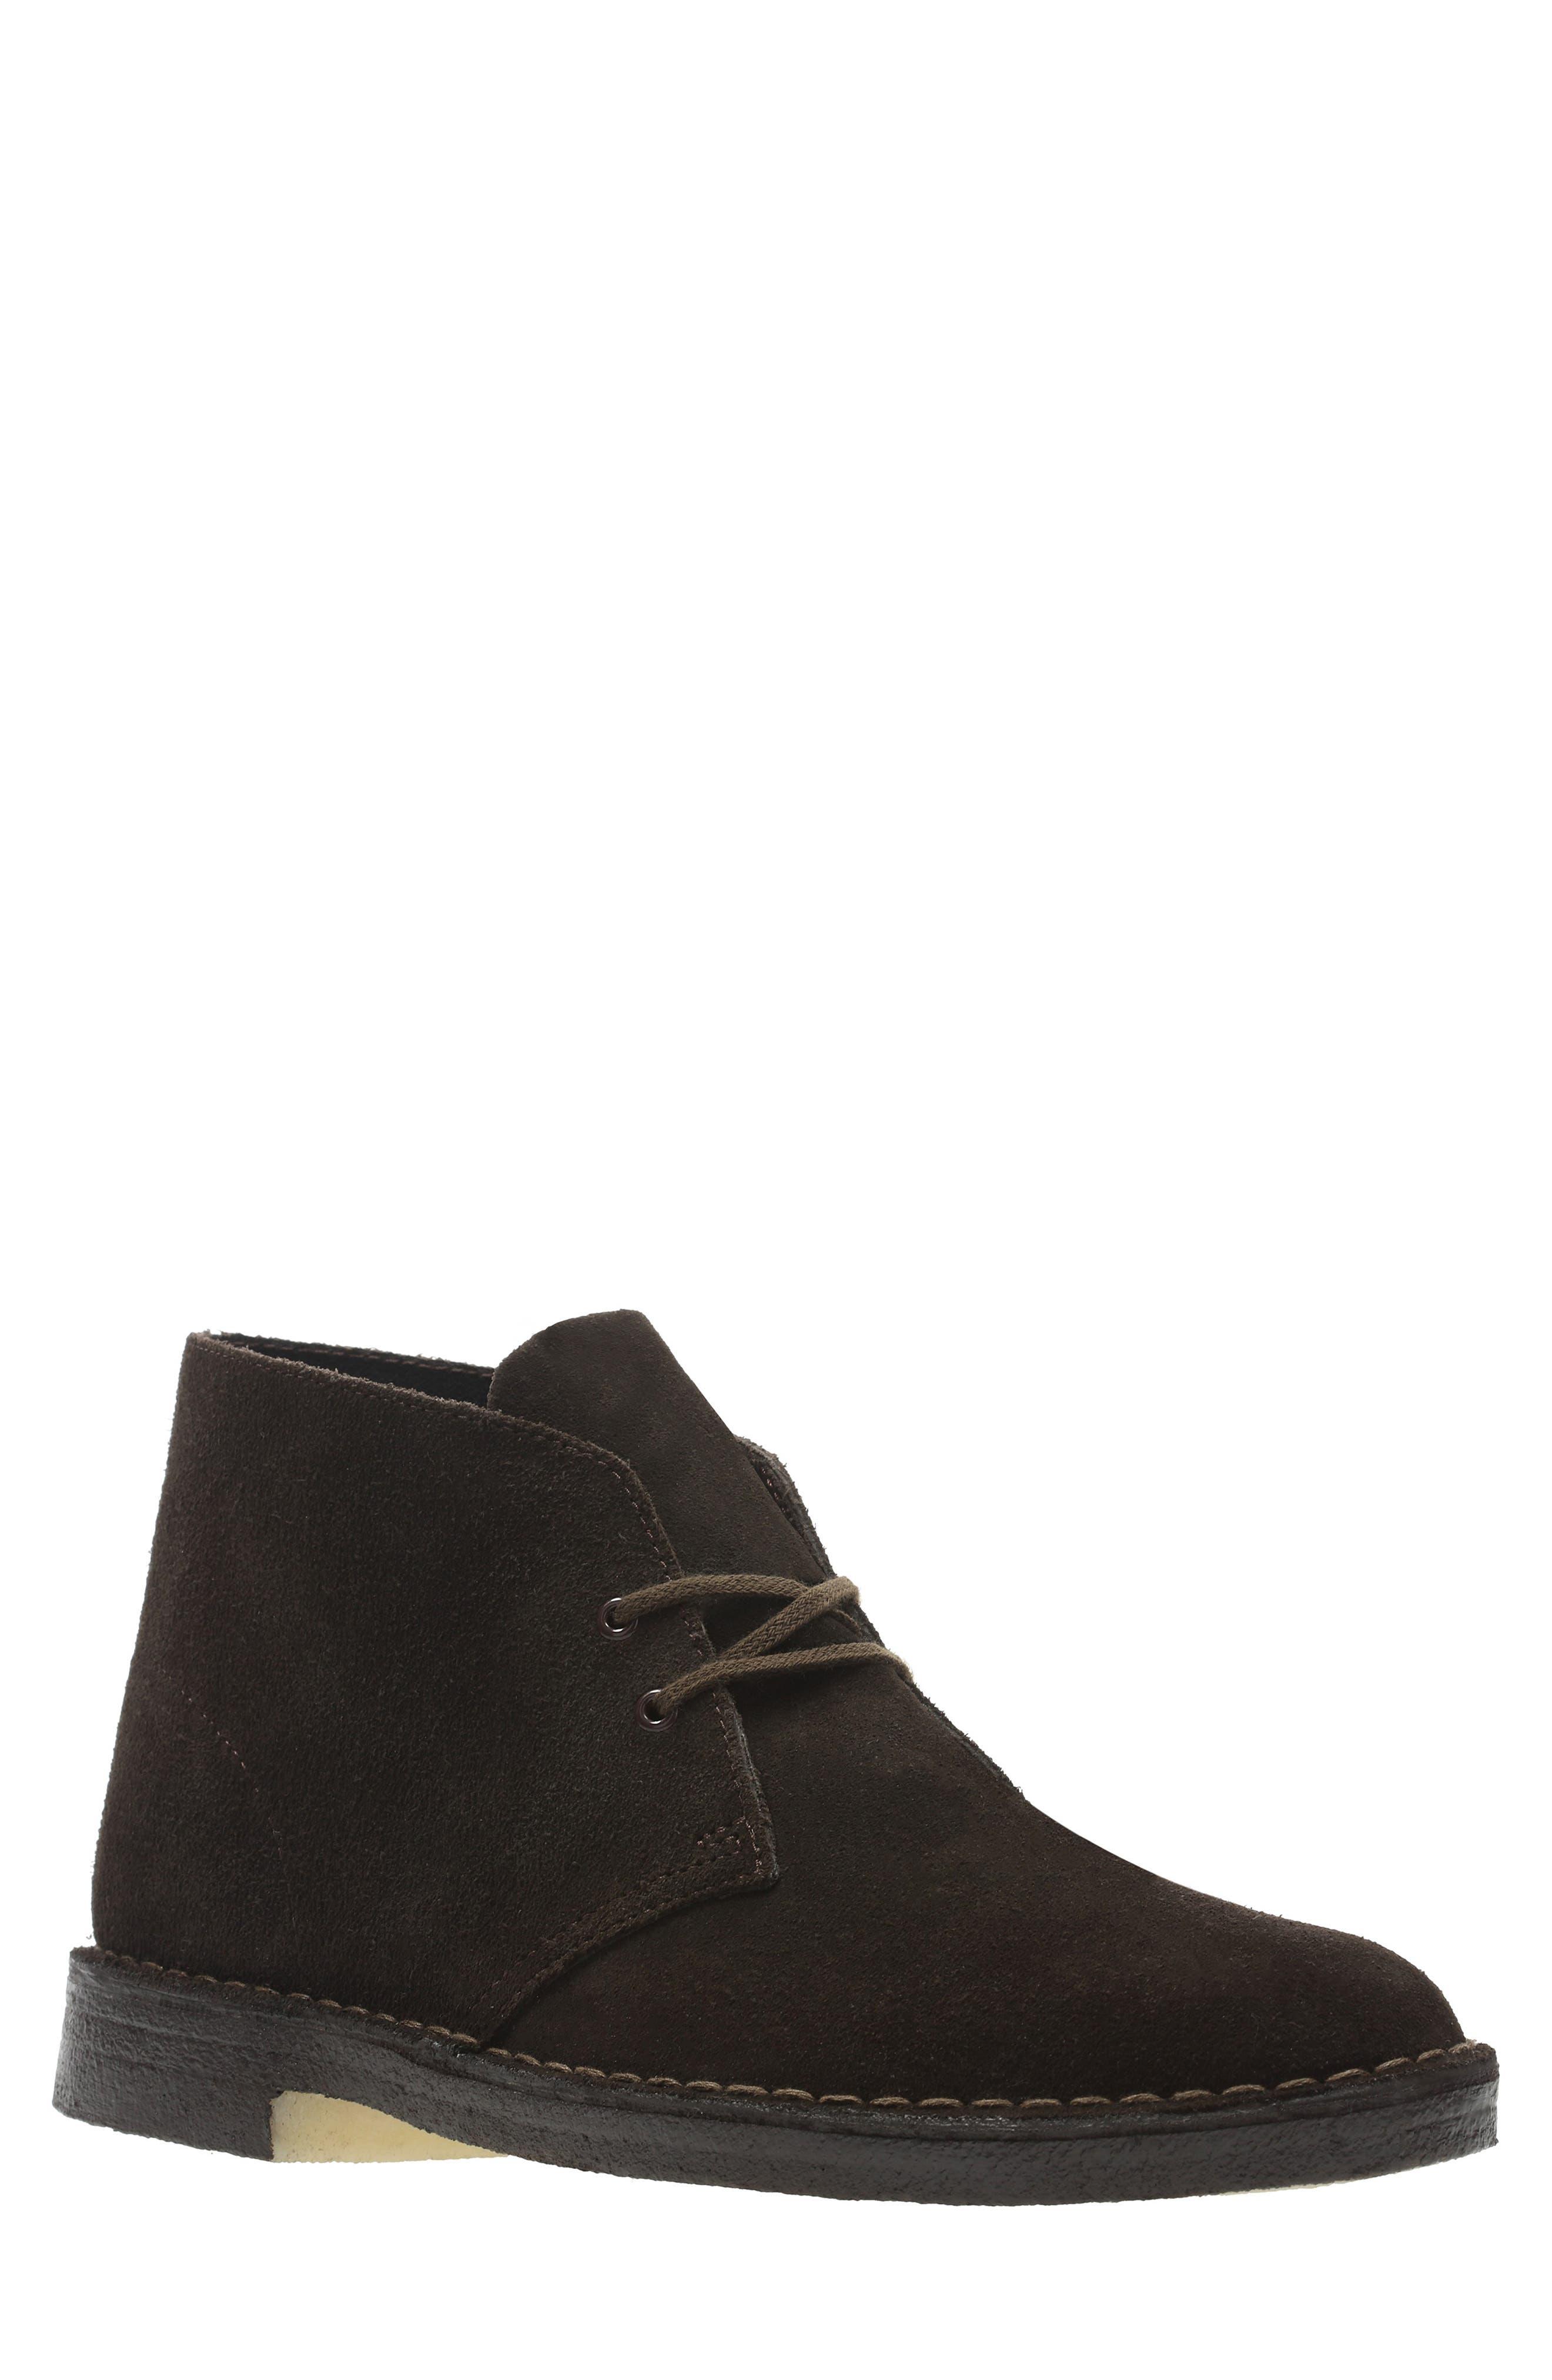 96ce1d46bff Men s Comfort Shoes